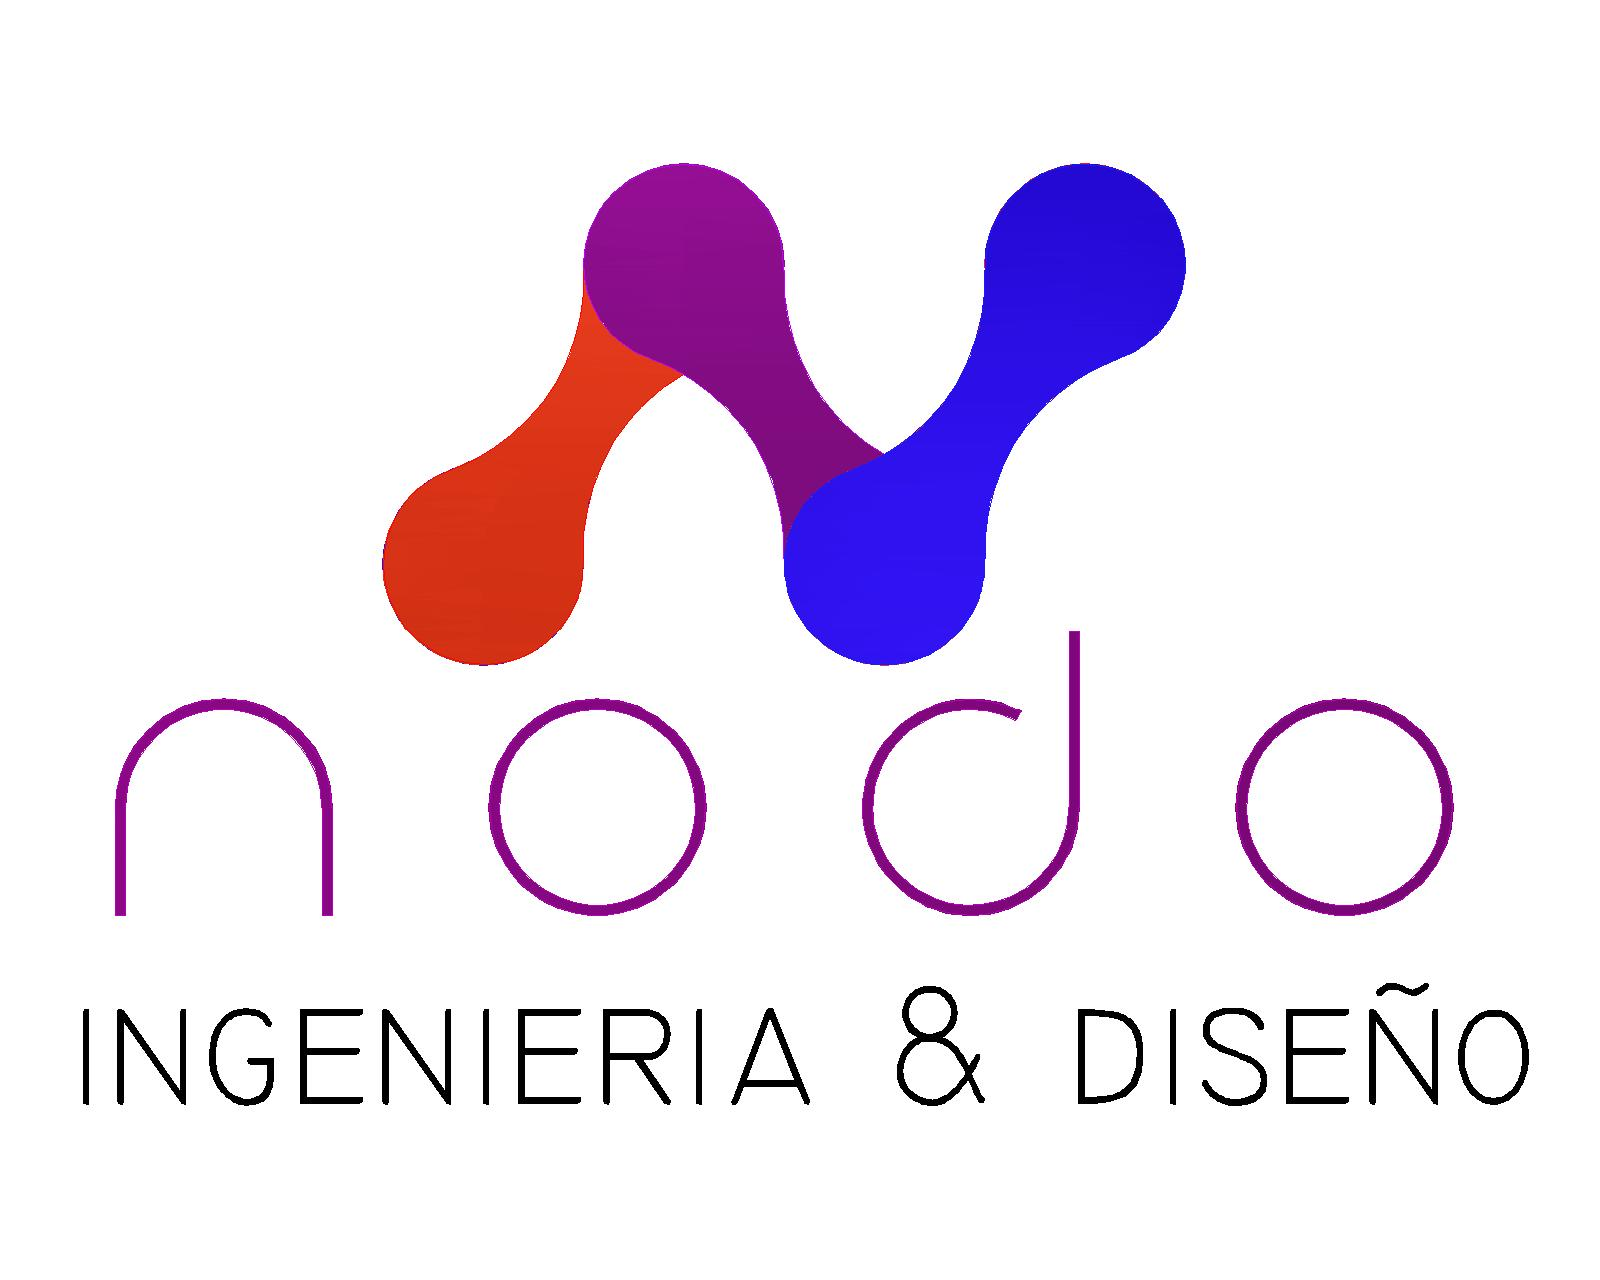 Nodo Ingenieria & Diseño Bogota